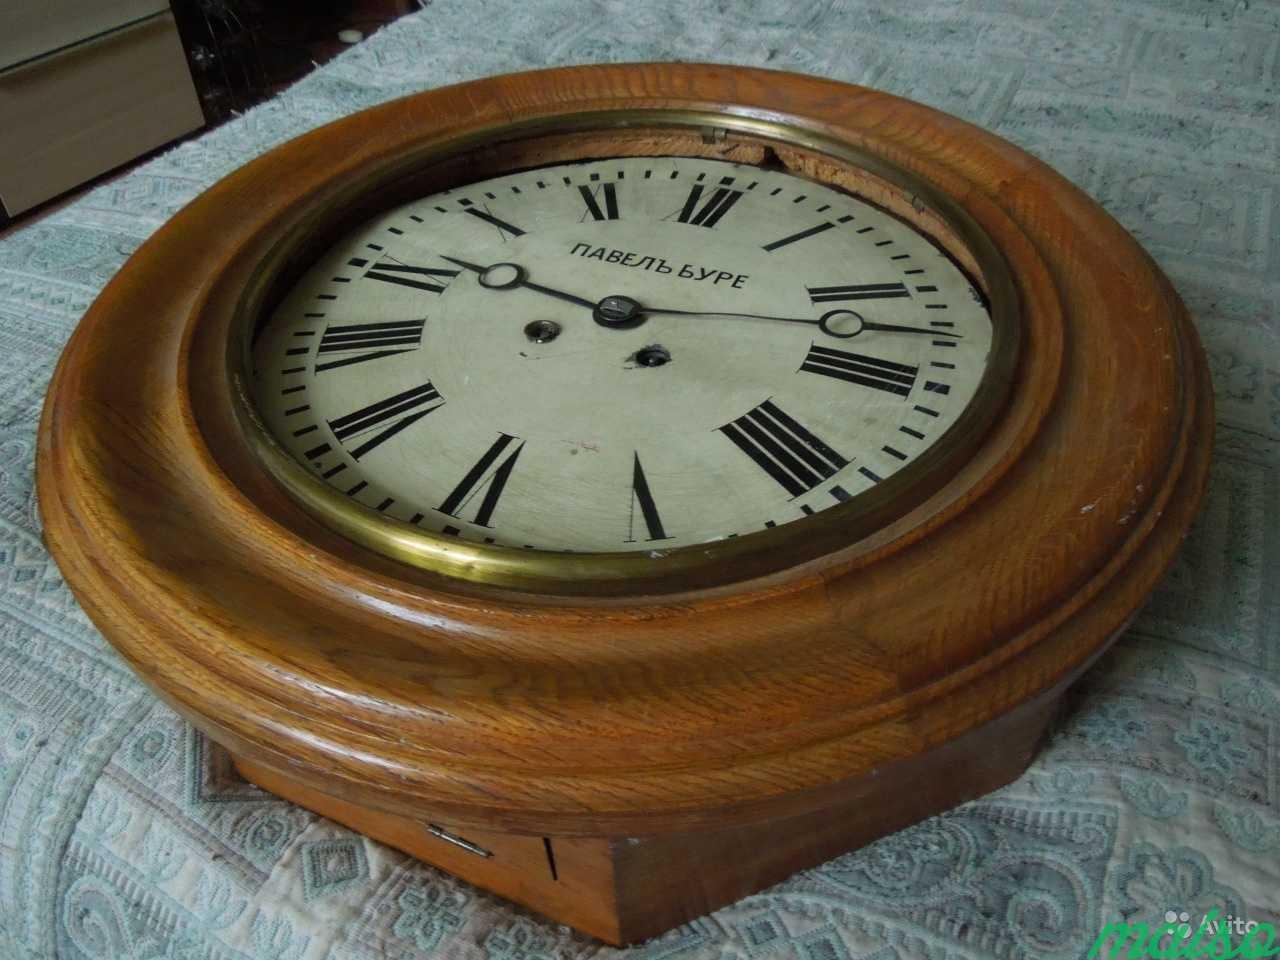 Часы П.Буре шайба зальные d 50 см 19 век в Москве. Фото 2